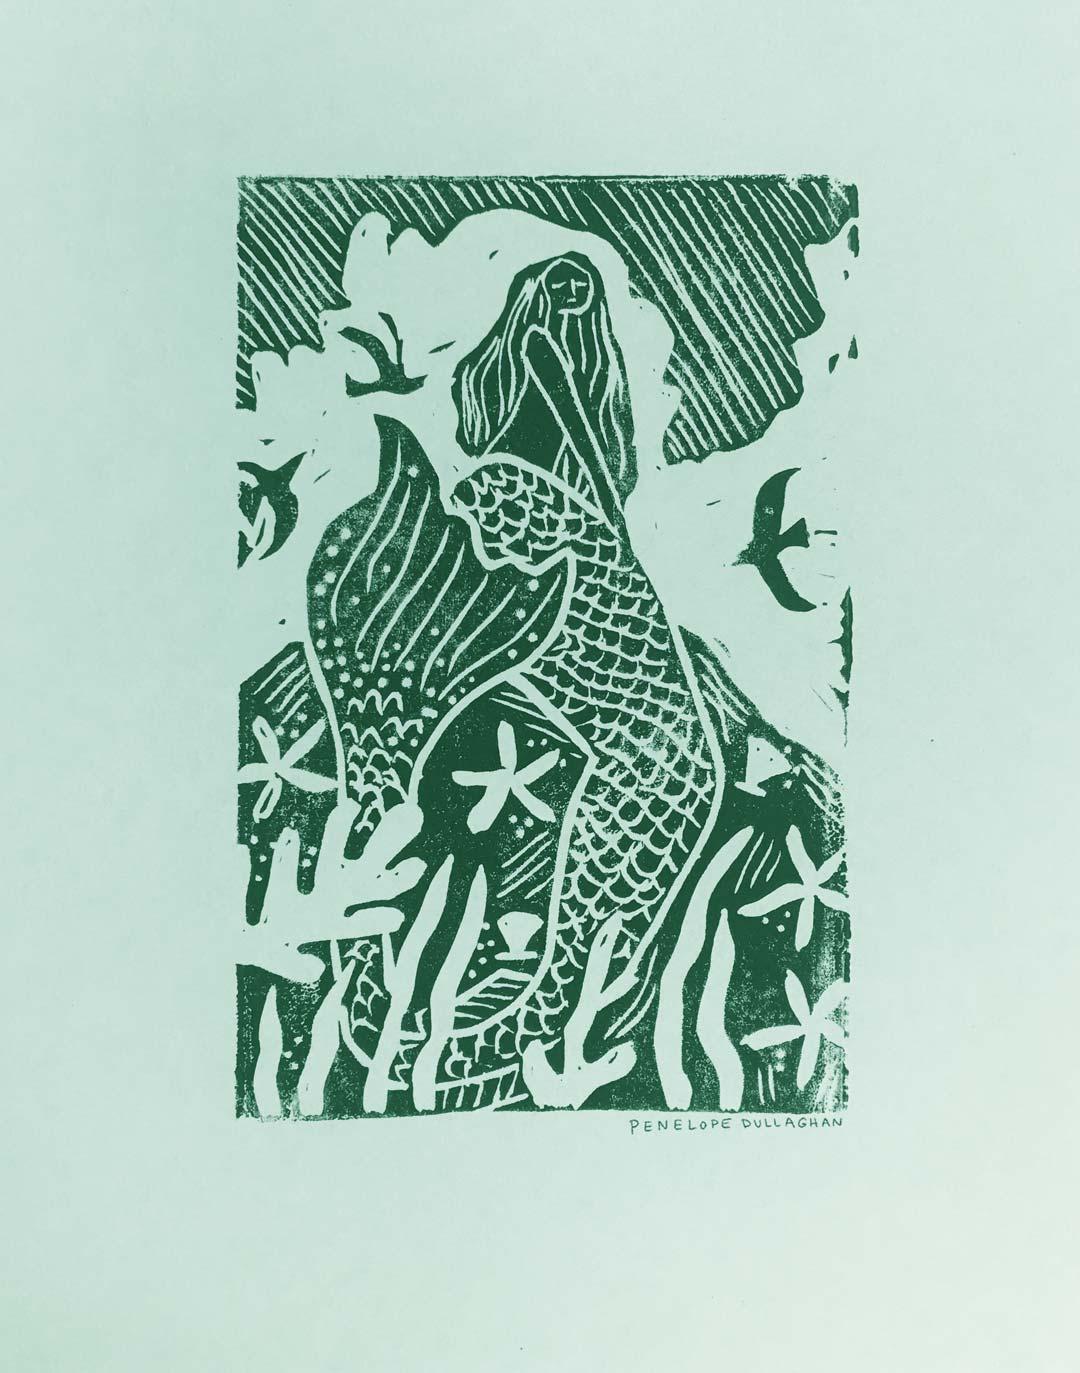 mermaid-linocut-penelope-dullaghan.jpg